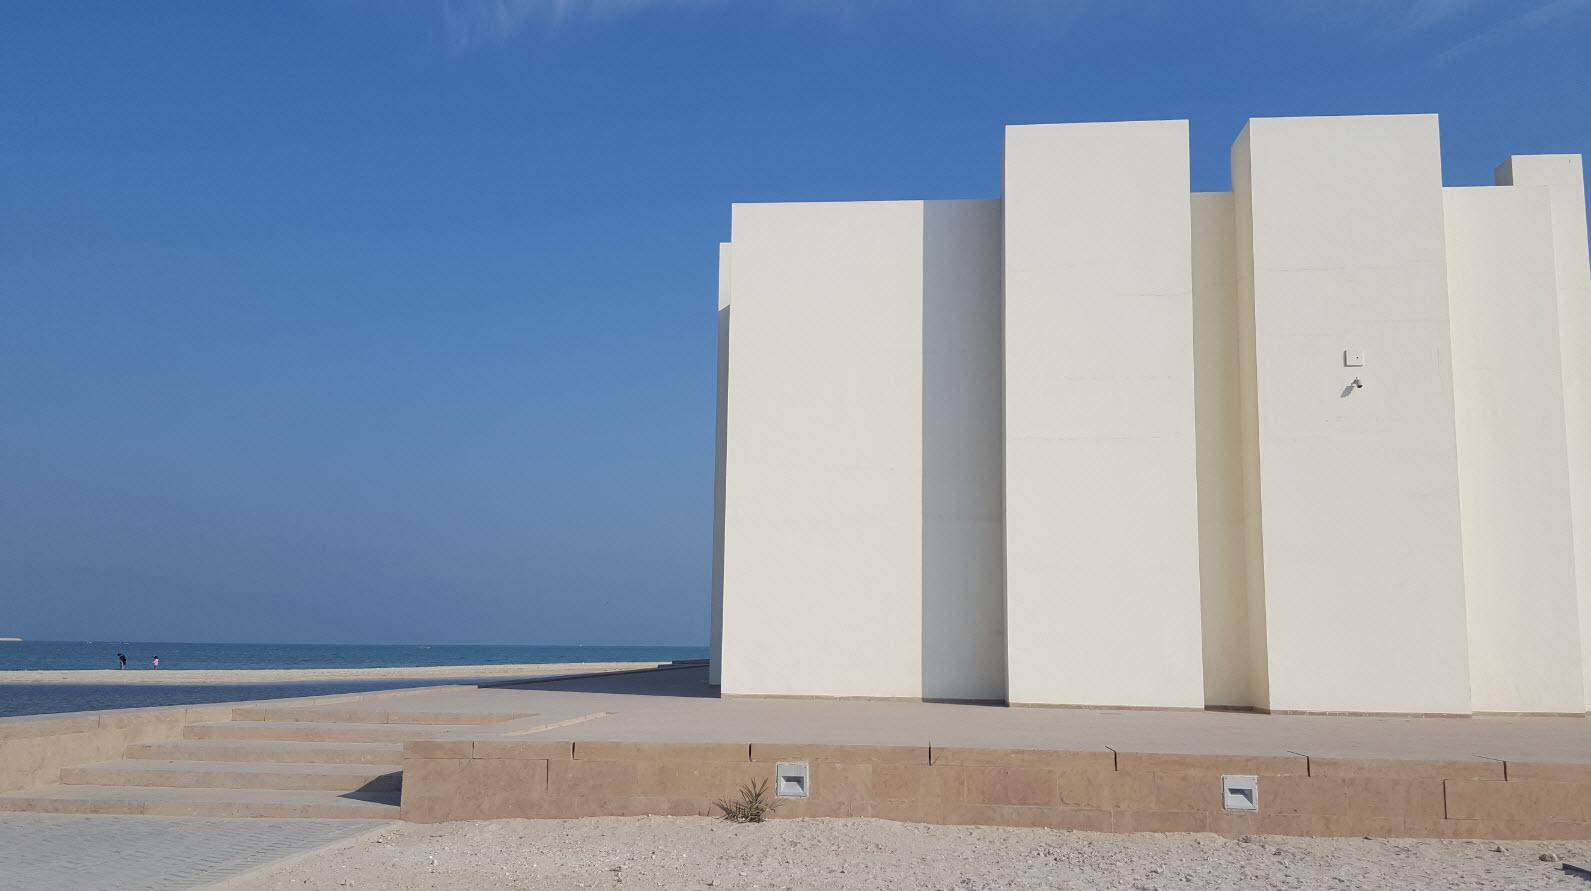 Fort Bahrain 6